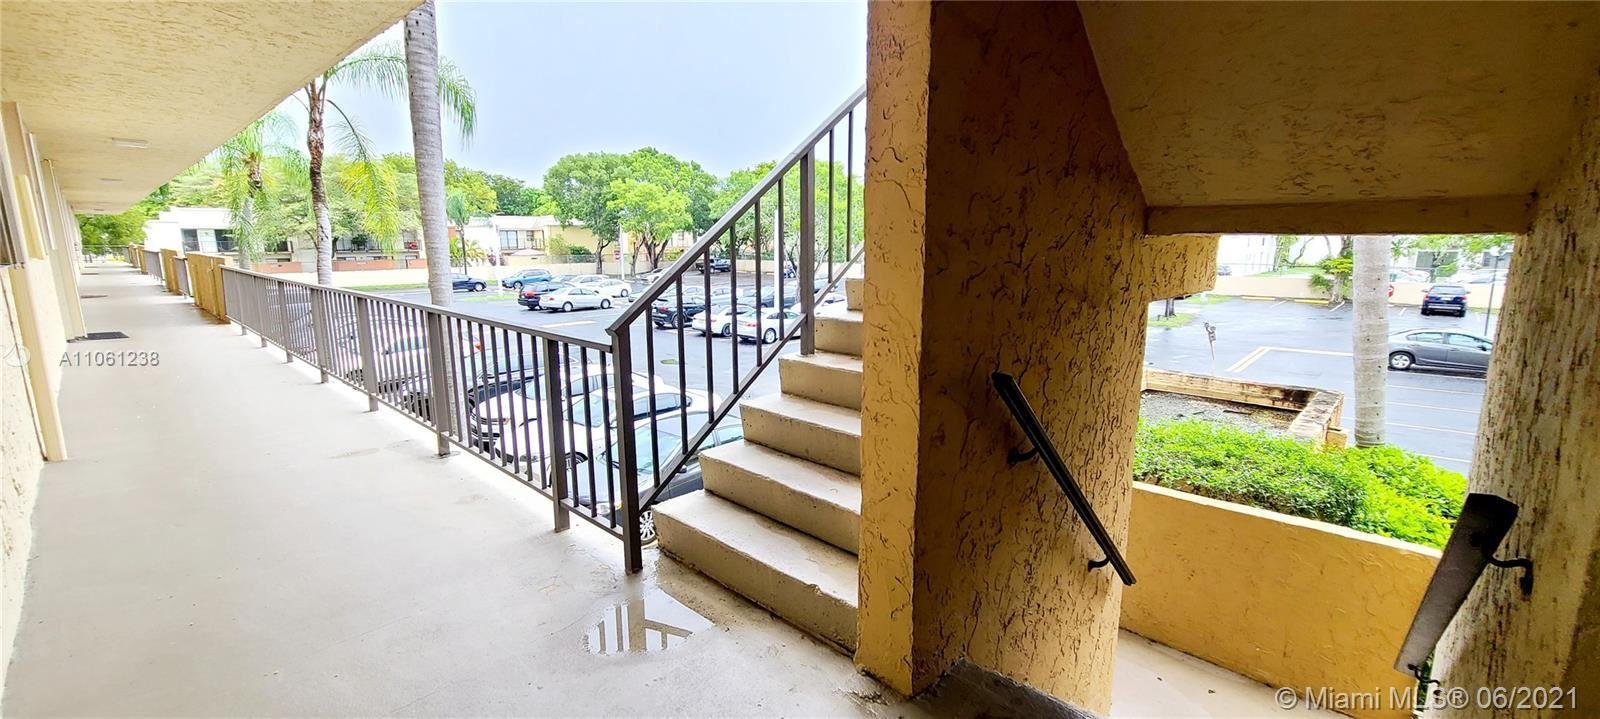 8401 SW 107th Ave #233E, Miami, FL 33173 - #: A11061238